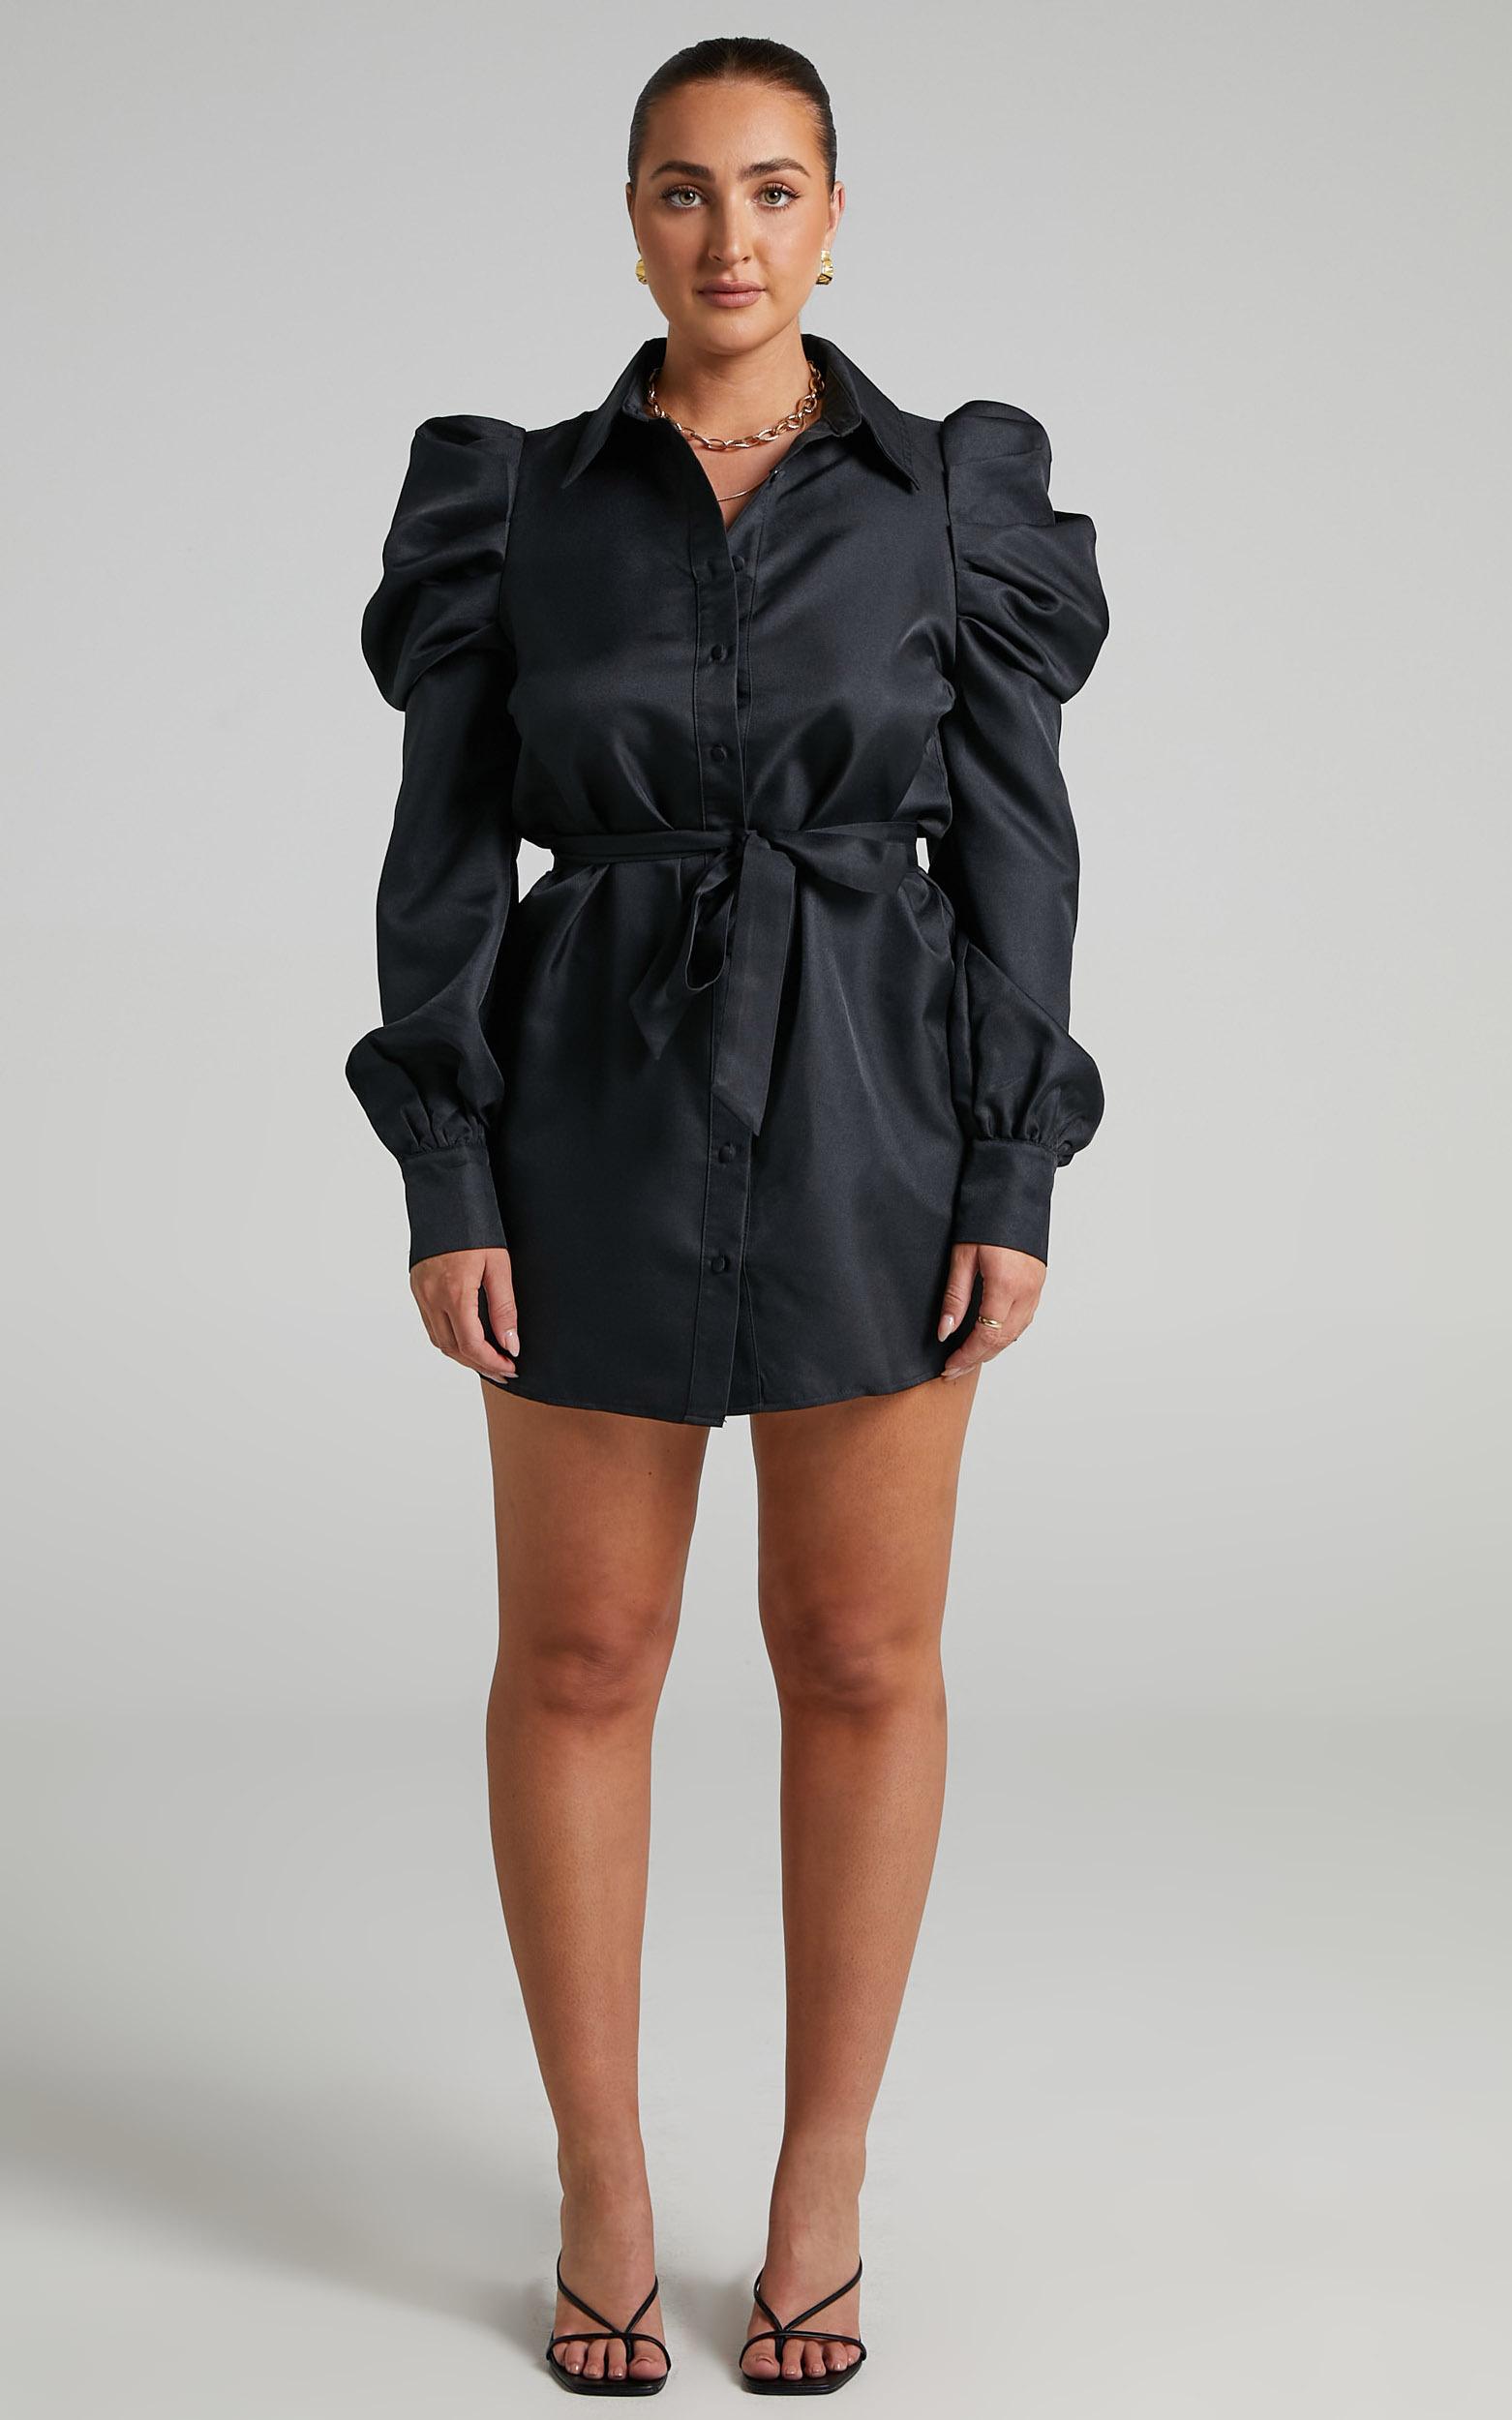 Jordie Mini Puff Sleeve Dress in Black - 06, Black, hi-res image number null